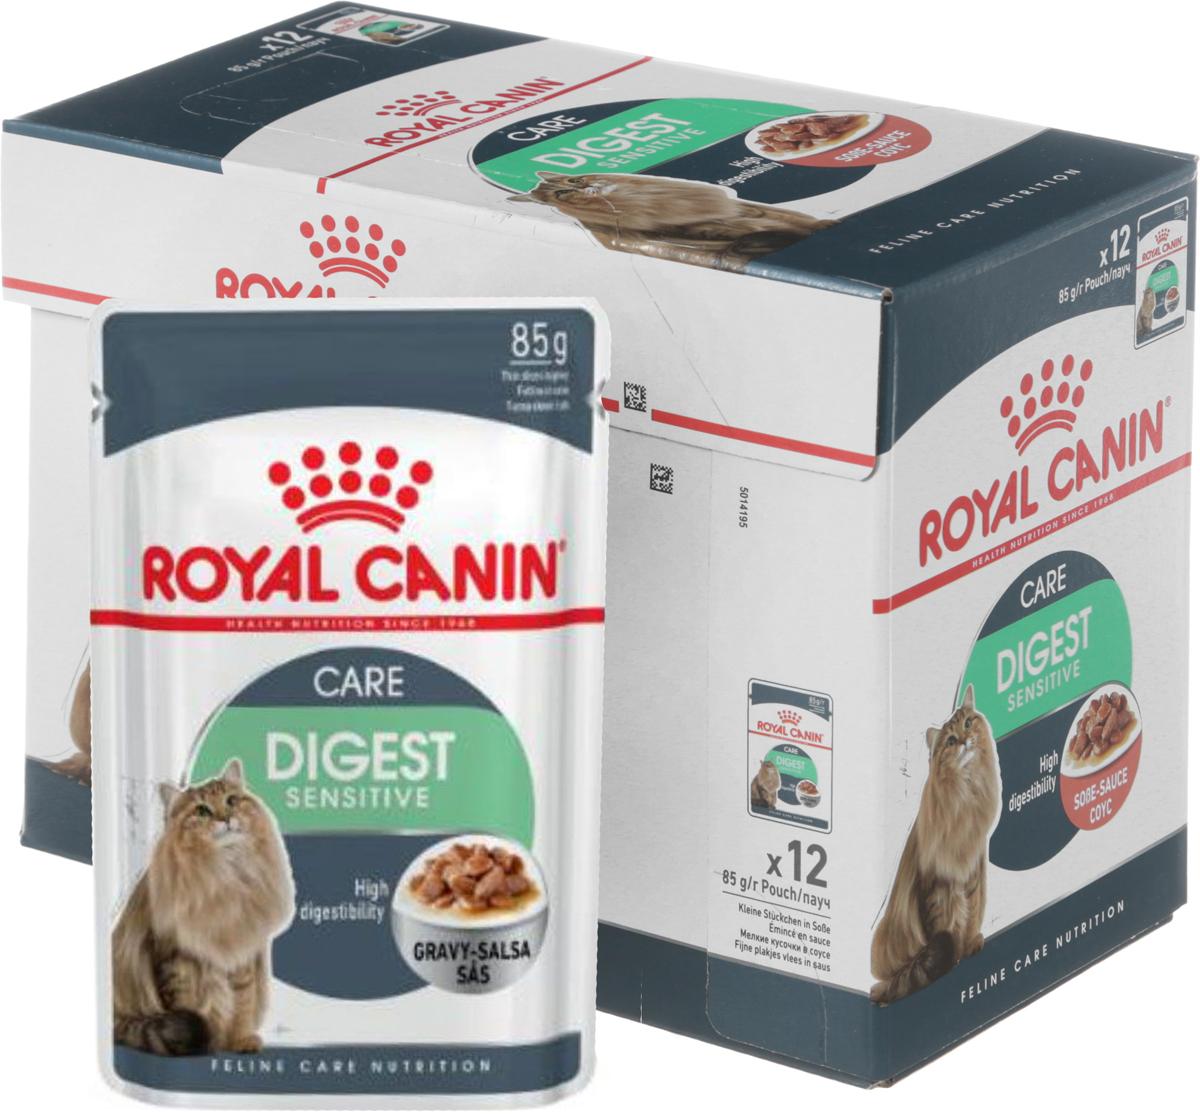 Консервы Royal Canin Digest Sensitive, для кошек с чувствительным пищеварением, мелкие кусочки в соусе, 85 г, 12 шт46763Консервы Royal Canin Digest Sensitive - полнорационный влажный корм кошек с чувствительным пищеварением. Кусочки в соусе для улучшения пищеварения у взрослых домашних кошек старше 1 года. Кошки, не выходящие на улицу, имеют низкую физическую активность и малоподвижный образ жизни, поэтому они могут испытывать проблемы с пищеварением. В пищеварительном тракте кошки сбалансировано сосуществуют более 500 видов бактерий. При нарушении пищеварения этот баланс может быть нарушен, что может привести к нежелательным эффектам: скоплению газов и жидкому стулу с резким запахом. Для кошек с чувствительным пищеварением необходим рацион, содержащий легкоусвояемые белки и способствующий поддержанию идеального веса. Высокоусвояемый корм Digest Sensitive содержит легко усваиваемые белки, обладает исключительной аппетитностью и умеренной калорийностью, уменьшает запах фекалий. Поддержание идеального веса. Специально разработанные кусочки в соусе исключительной аппетитности и умеренной калорийности способствуют поддержанию идеального веса тела кошки. Здоровая мочевыводящая система. Корм помогает поддерживать здоровье мочевыделительной системы кошки, сокращая концентрацию минеральных веществ, способствующих образованию мочевых камней. В рацион домашнего любимца нужно обязательно включать консервированный корм, ведь его главные достоинства - высокая калорийность и питательная ценность. Консервы лучше усваиваются, чем сухие корма. Также важно, что животные, имеющие в рационе консервированный корм, получают больше влаги. Состав: мясо и мясные субпродукты, злаки, экстракты белков растительного происхождения, субпродукты растительного происхождения, минеральные вещества, углеводы. Добавки (в 1 кг): Витамин D3: 175 ME, Железо: 9,3 мг, Йод: 0,4 мг, Марганец: 2,9 мг, Цинк: 29 мг. Товар сертифицирован.